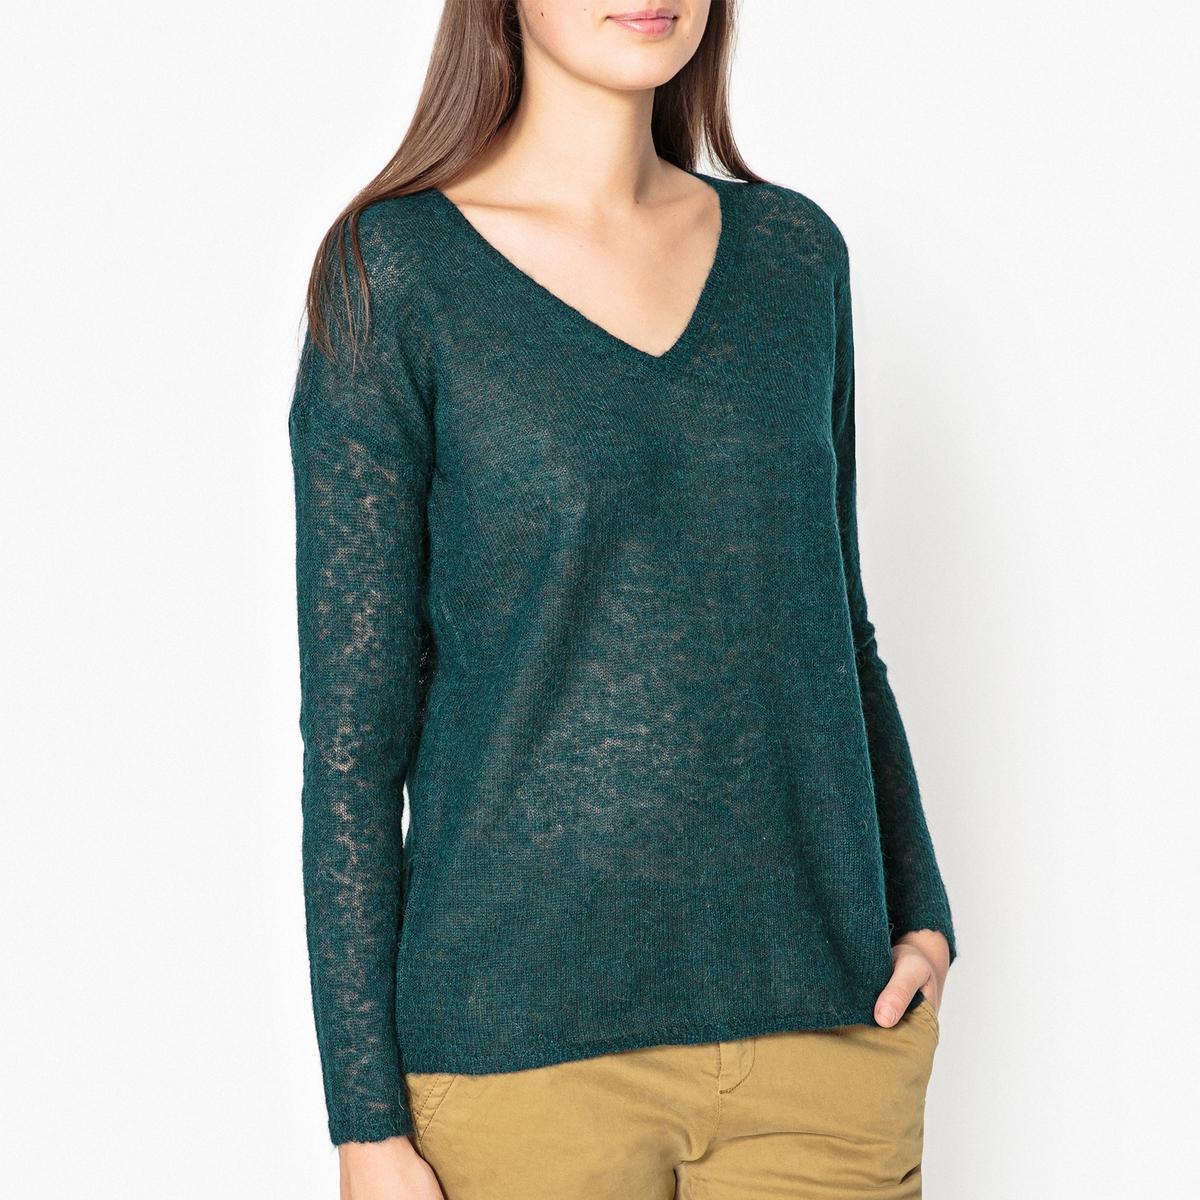 Пуловер из тонкого трикотажа с V-образным вырезом MANANAОписание:Пуловер с длинными рукавами и V-образным вырезом HARRIS WILSON - модель MANANA.Детали •  Длинные рукава •   V-образный вырез •  Тонкий трикотаж Состав и уход •  55% альпаки, 45% полиамида •  Следуйте советам по уходу, указанным на этикетке<br><br>Цвет: зеленый,кирпичный<br>Размер: L.M.S